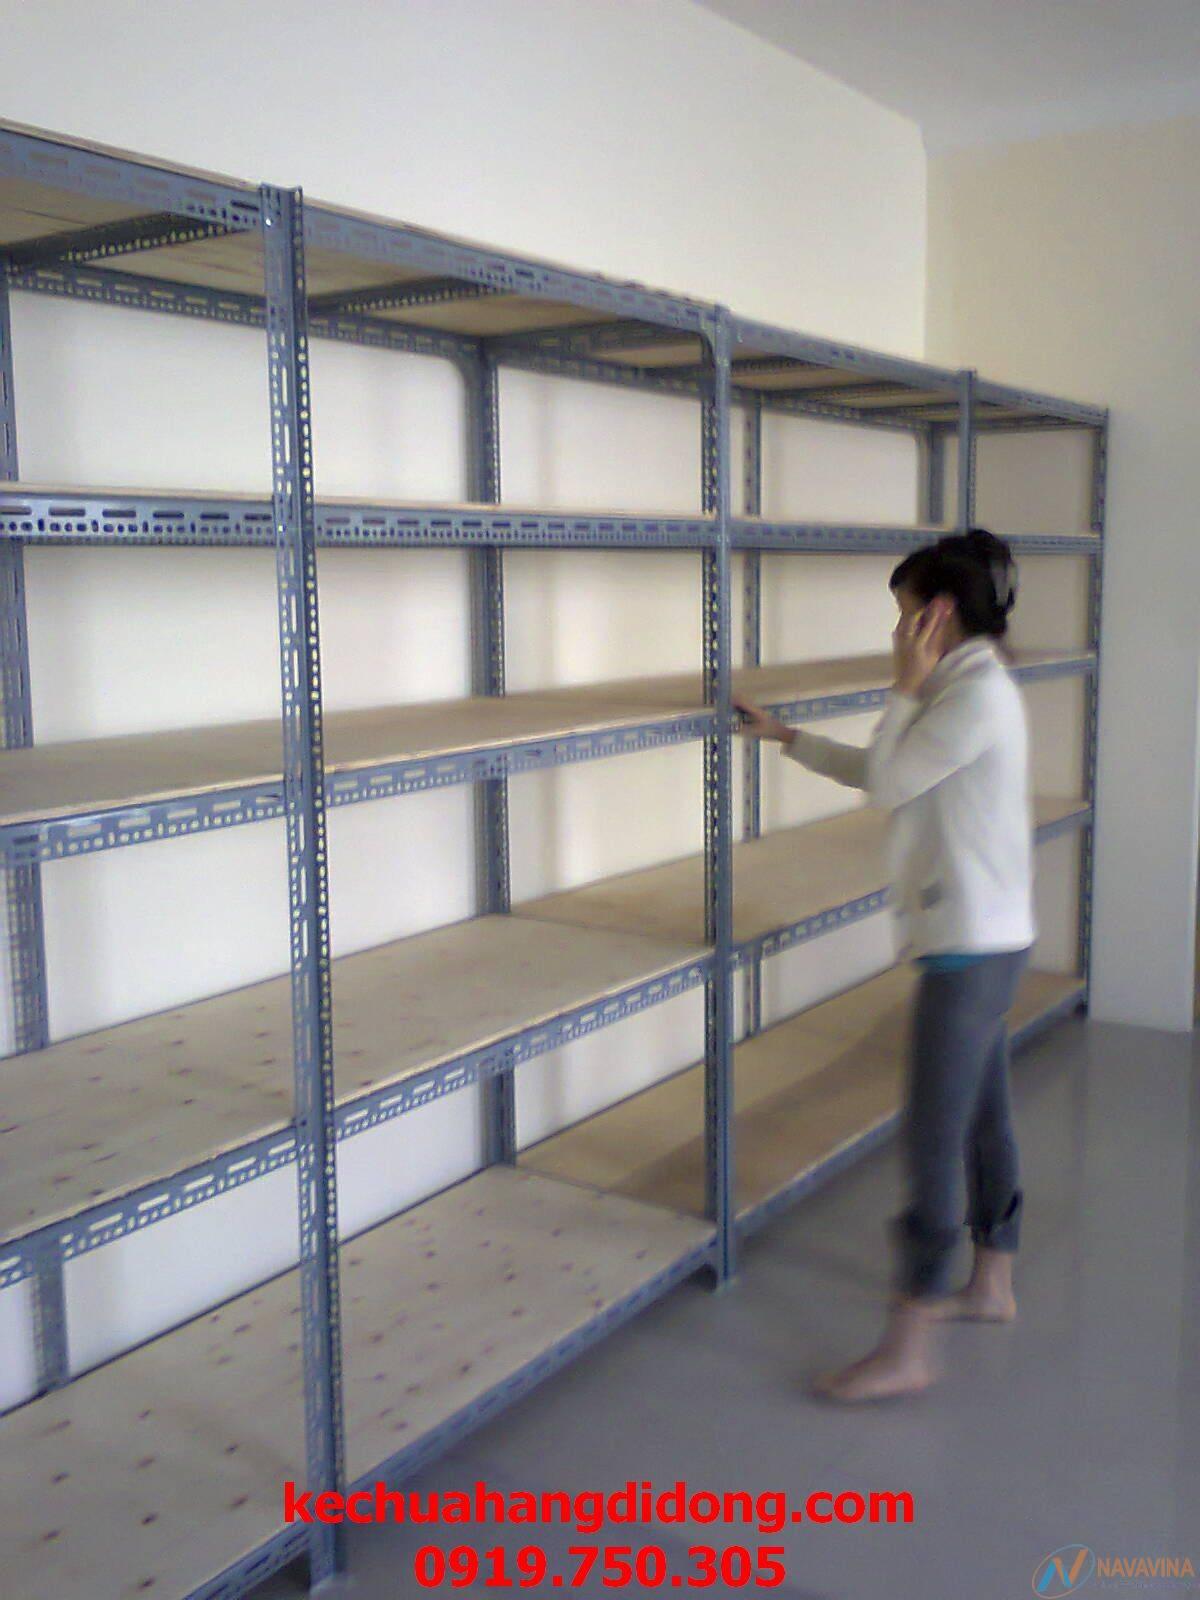 Bảng giá kệ sắt V lỗ đa năng [giá gốc tại Xưởng] | Kechuahangdidong.com 3